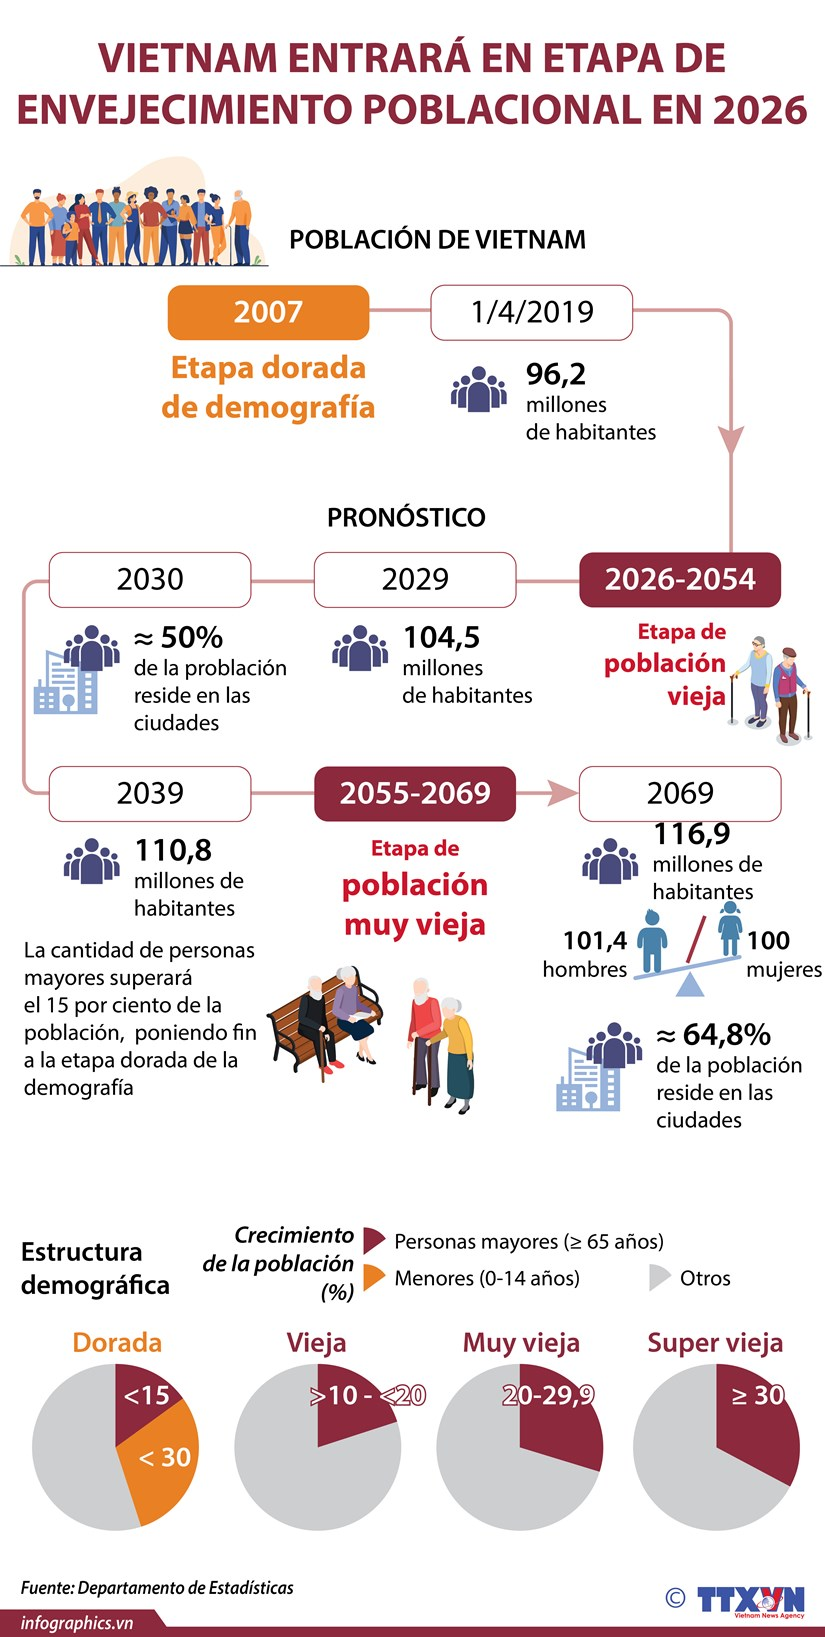 Vietnam entrara en etapa de envejecimiento poblacional en 2026 hinh anh 1